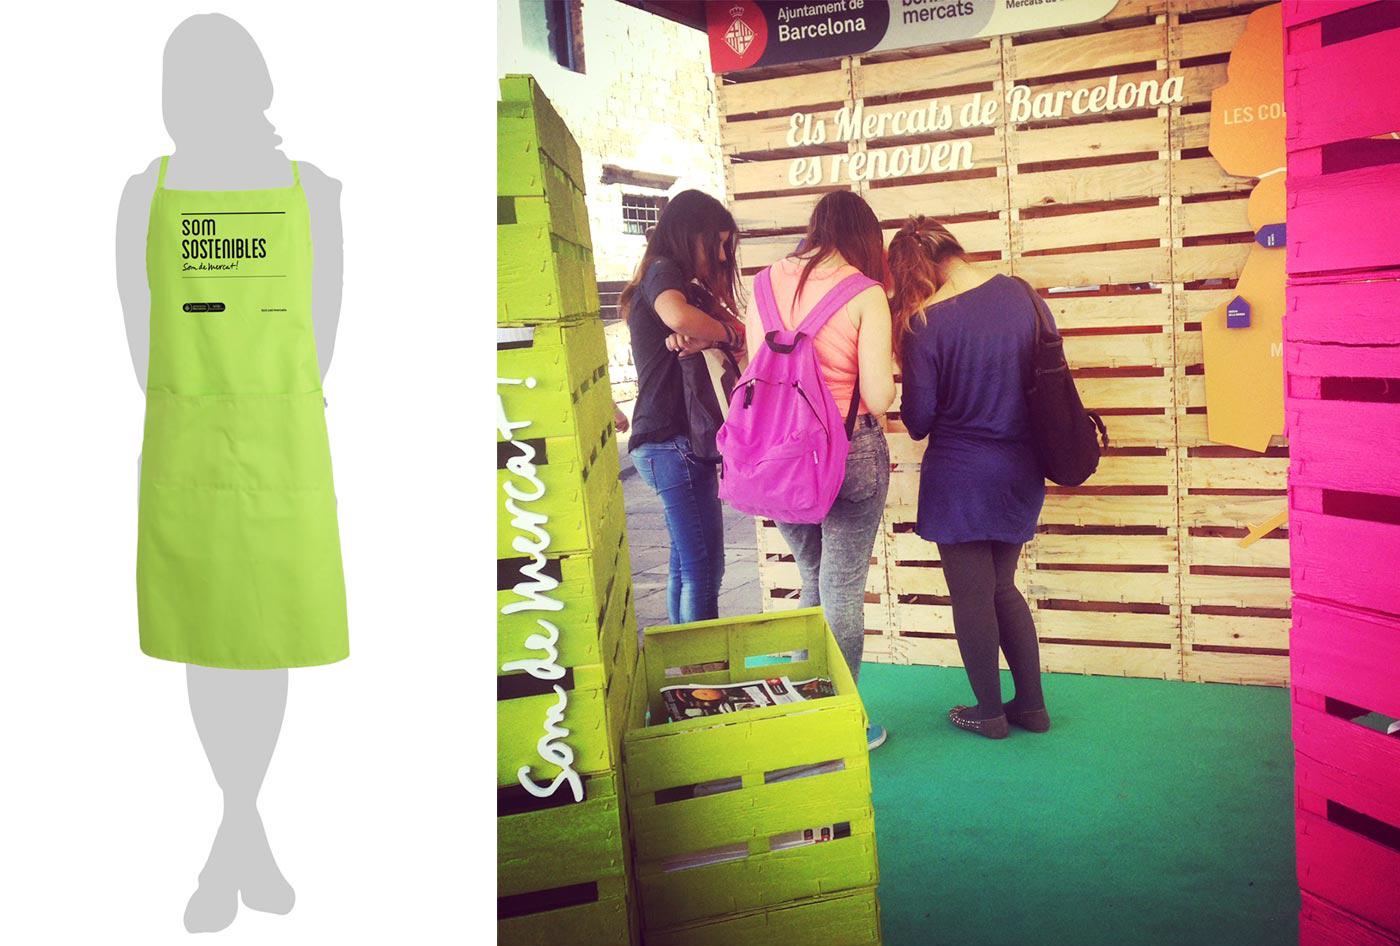 promocio-mercats-barcelona-som-sostenibles